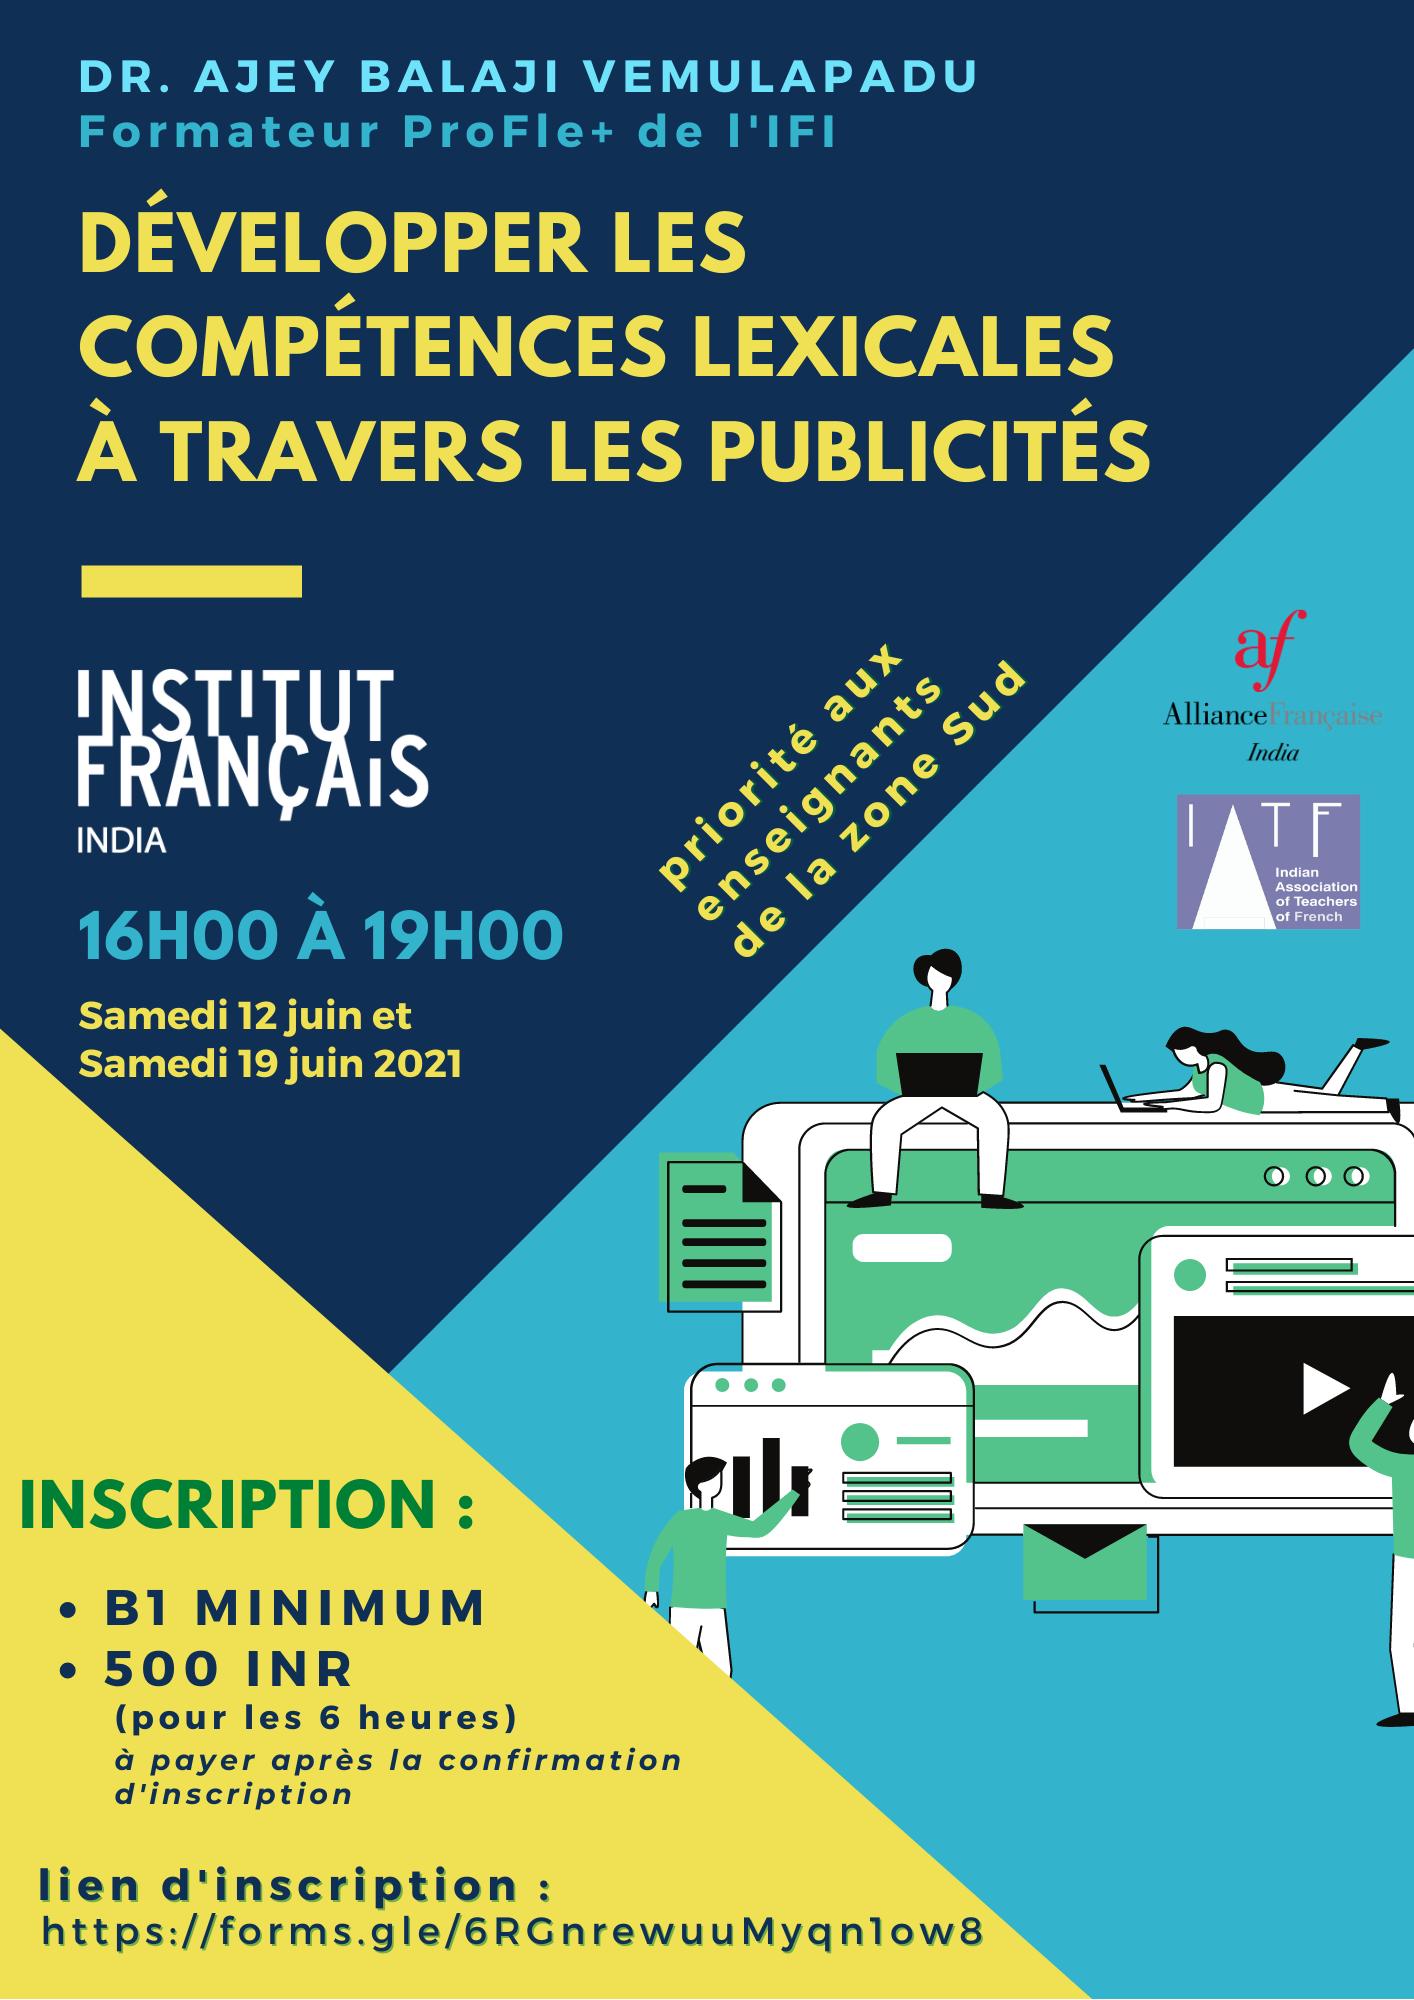 Développer les compétences lexicales